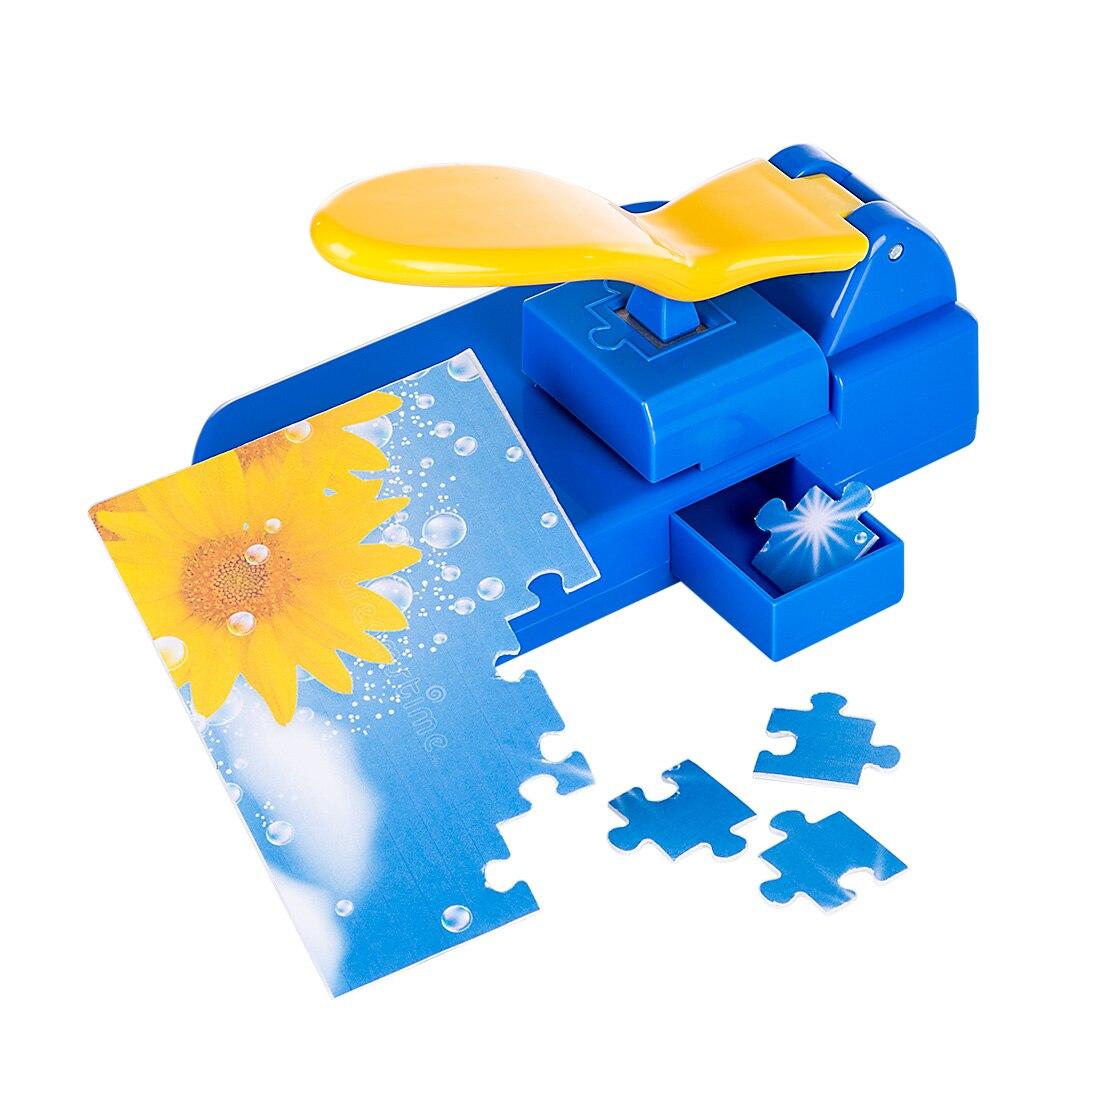 Kinder Jigsaw Schneiden Maschine Puzzle Maker Handgemachte Spielzeug Sterben-Cut Maschine Kunst, Handwerk und Nähen